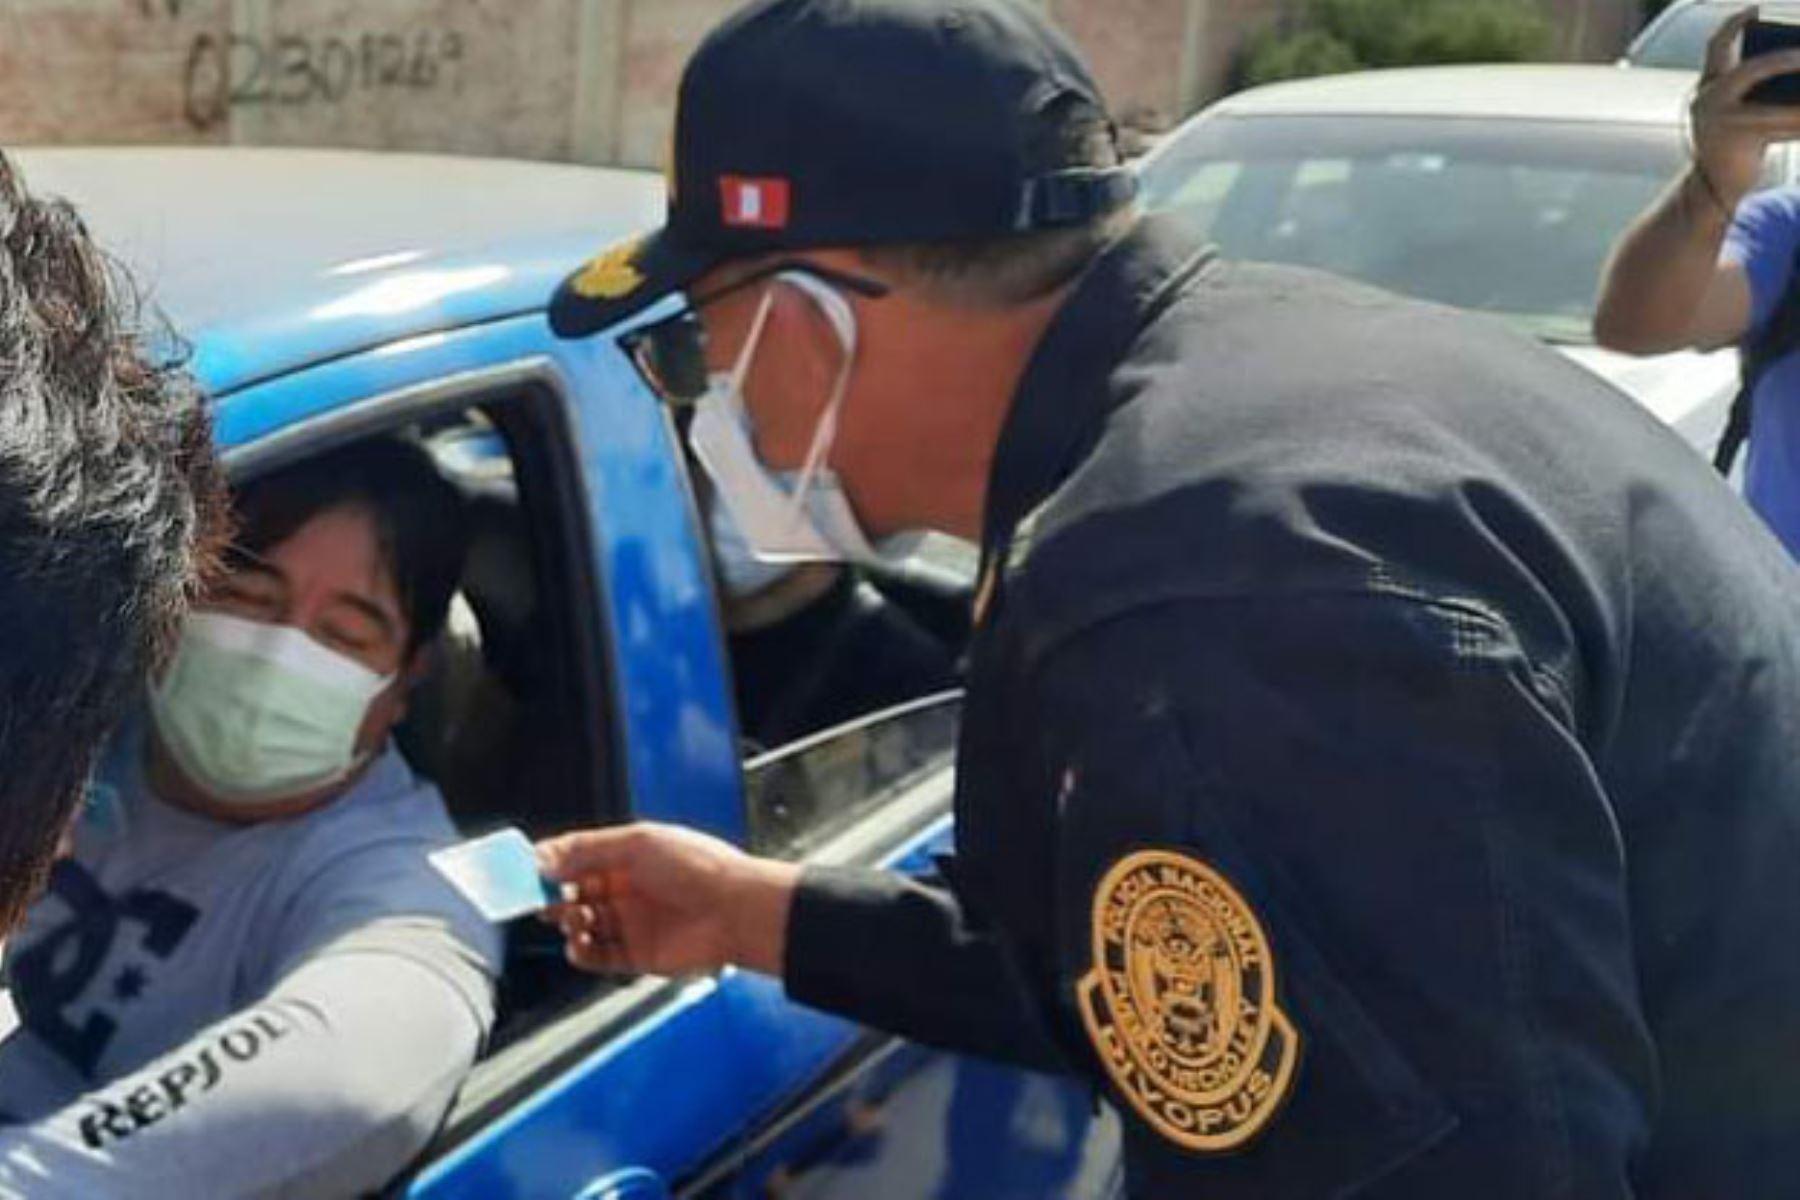 Efectivos policiales participaron en operativo en puntos de vacunación contra la covid-19 en Lambayeque. Foto: ANDINA/Difusión